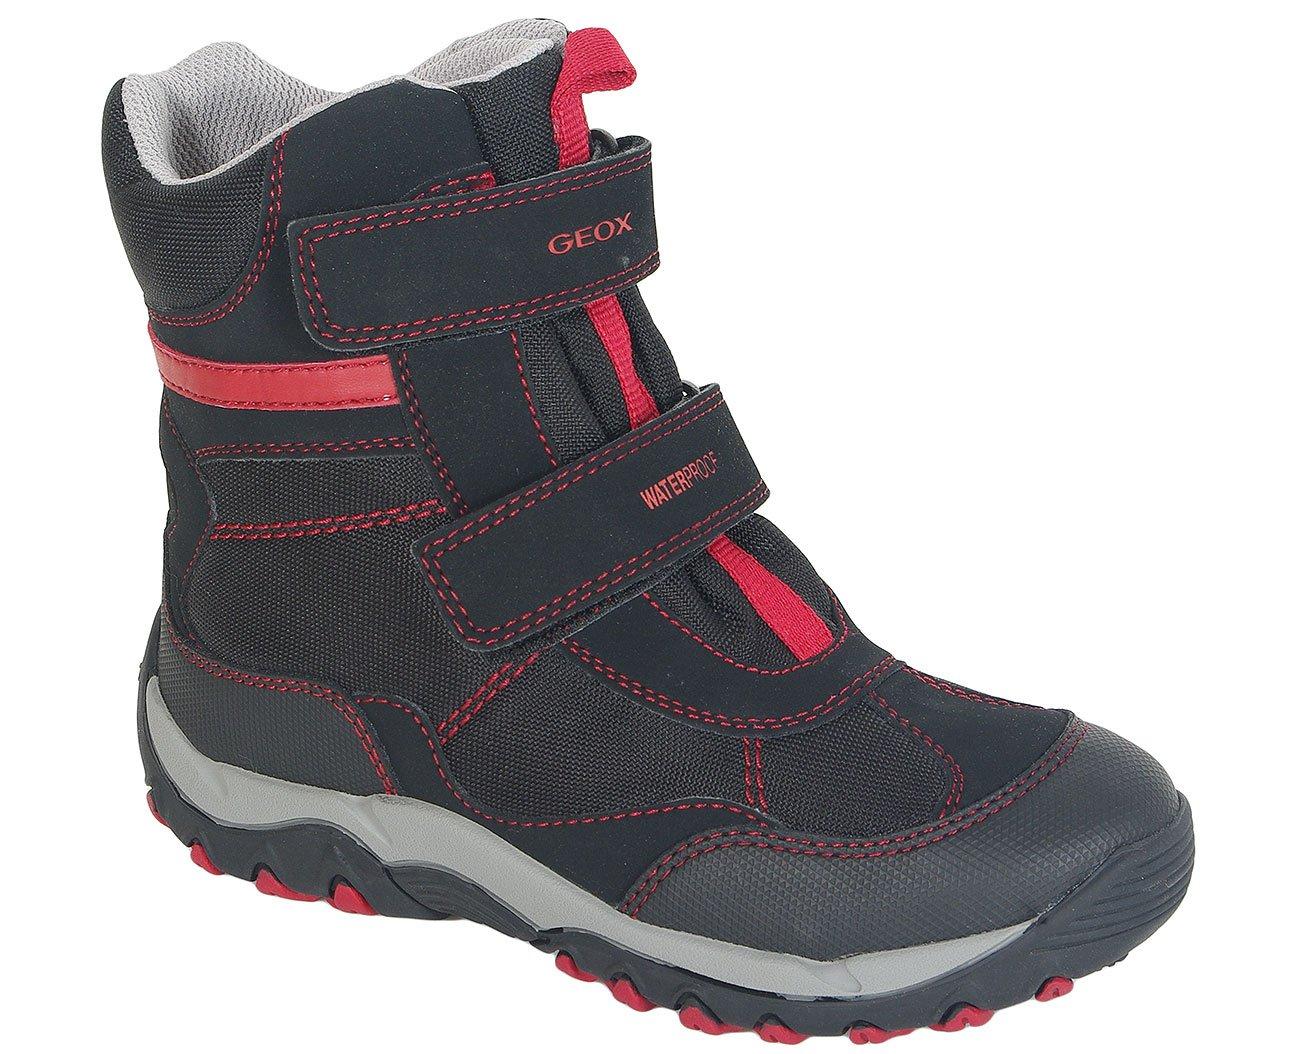 GEOX Alaska Waterproof A Tex+Dbk Black/Dk Red trzewiki